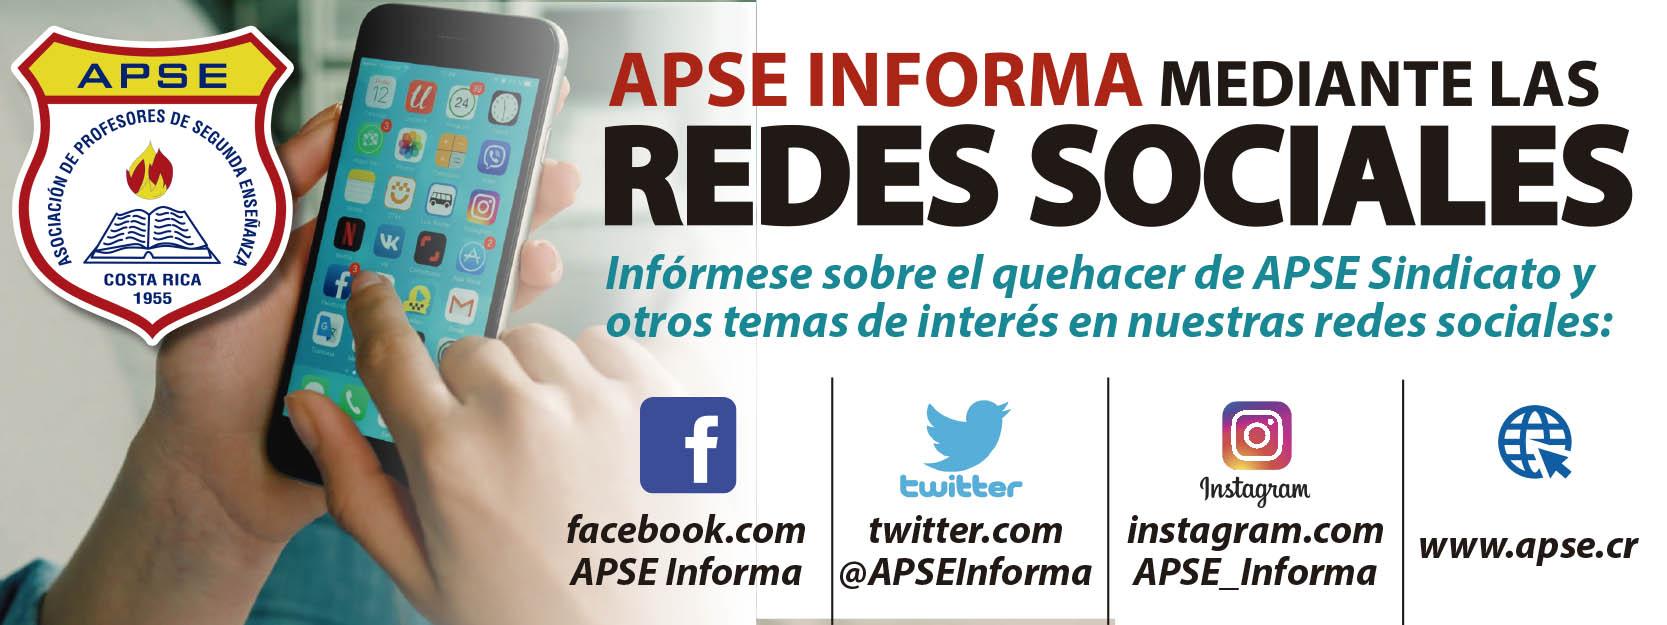 APSE INFORMA MEDIANTE LAS REDES SOCIALES